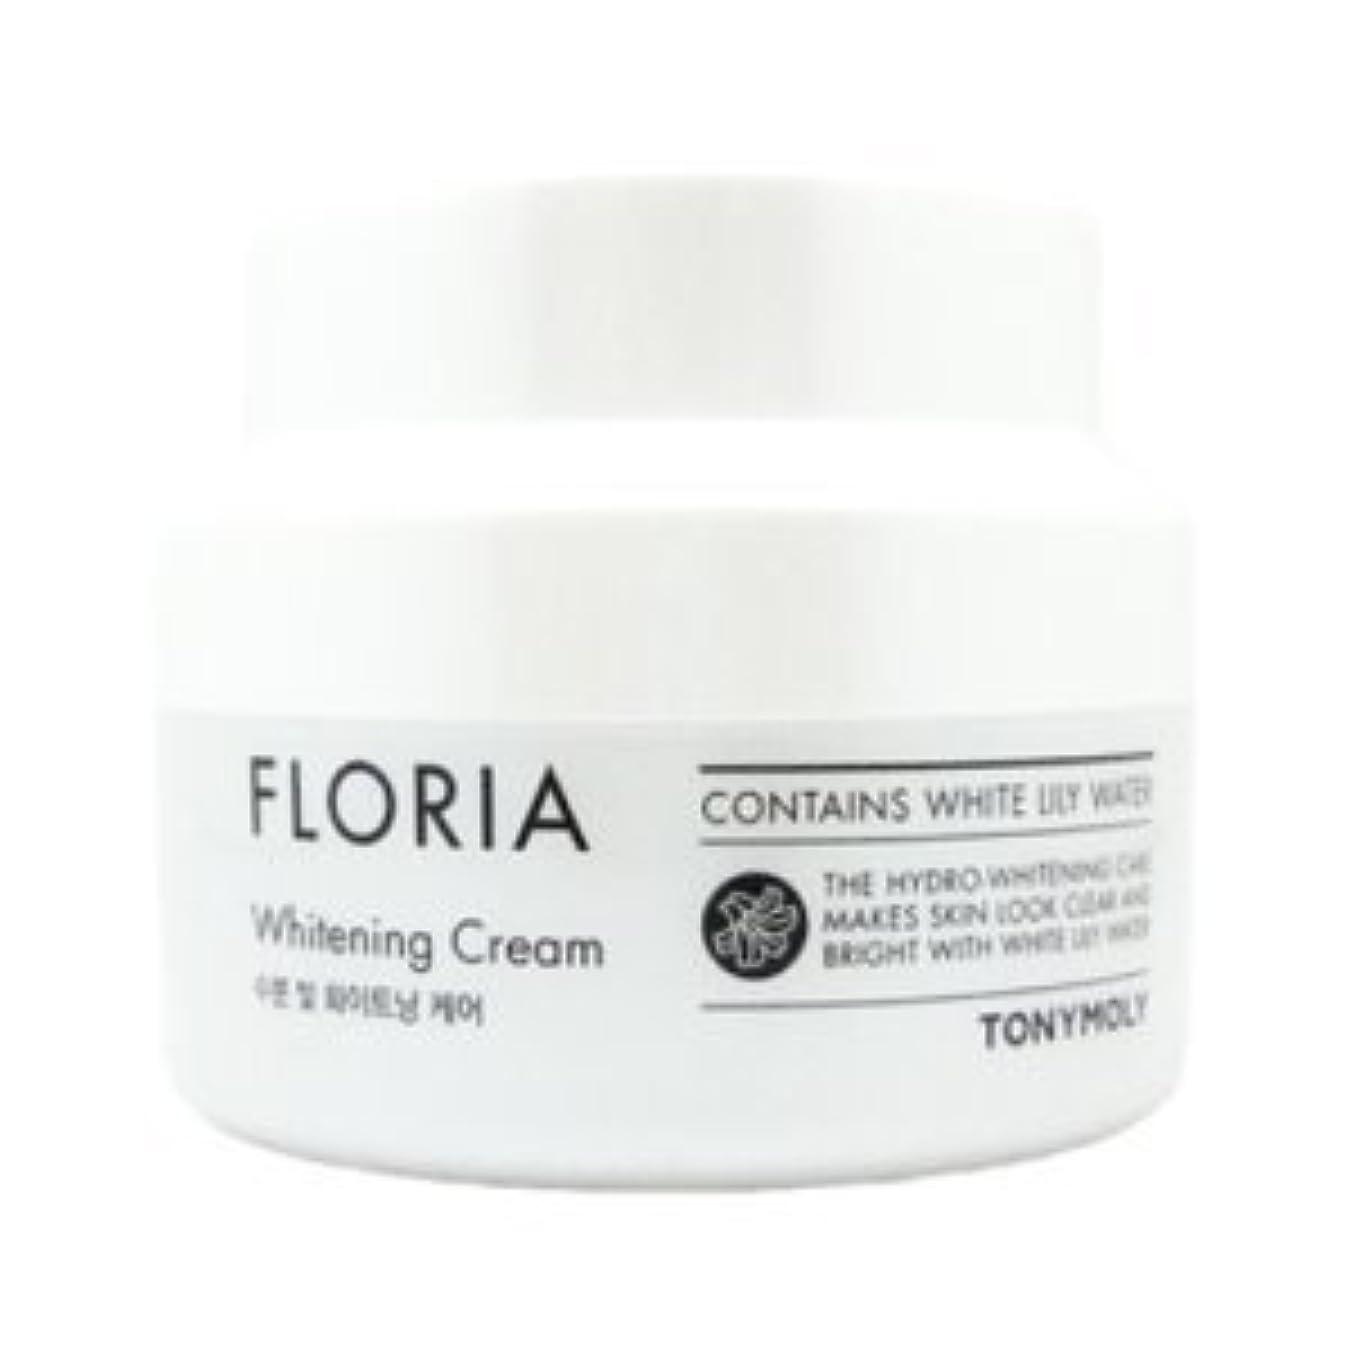 残り物これまで爆弾TONYMOLY Floria Whitening Cream 60ml/トニーモリー フロリア ホワイトニング クリーム 60ml [並行輸入品]